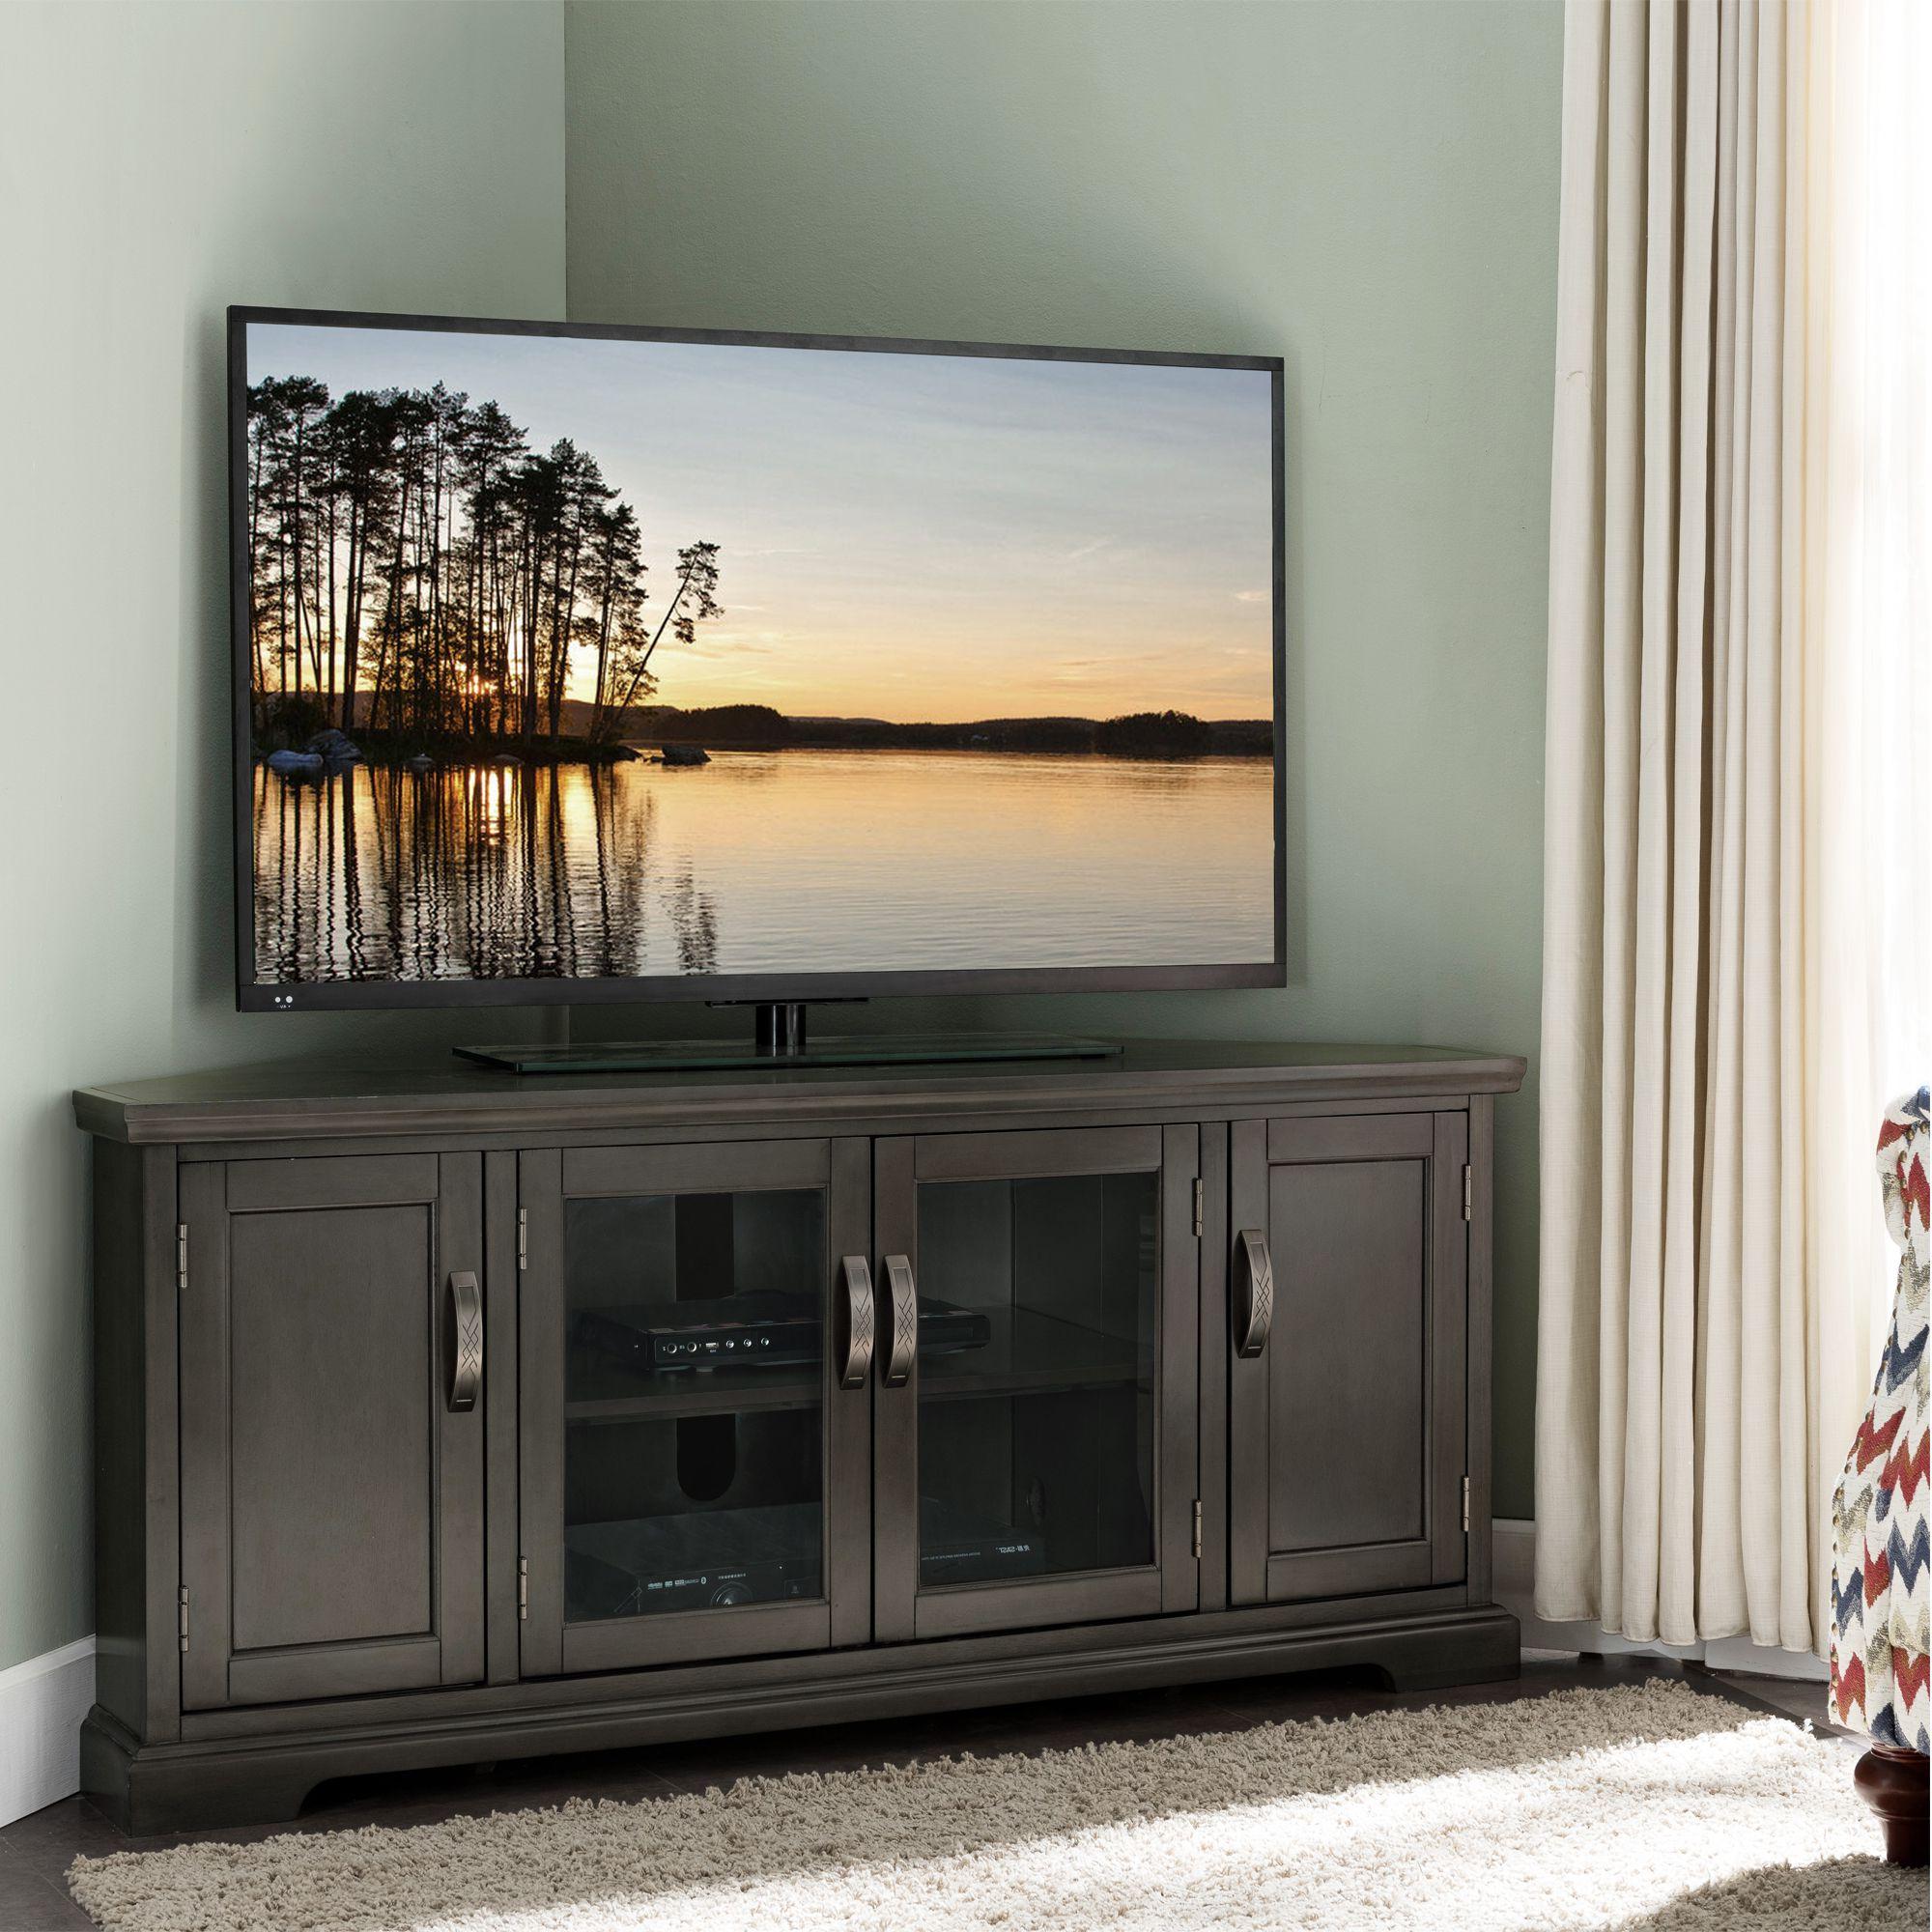 Corner Tv Console, Corner Tv Stands, Corner Entertainment Inside Corner Entertainment Tv Stands (View 3 of 20)